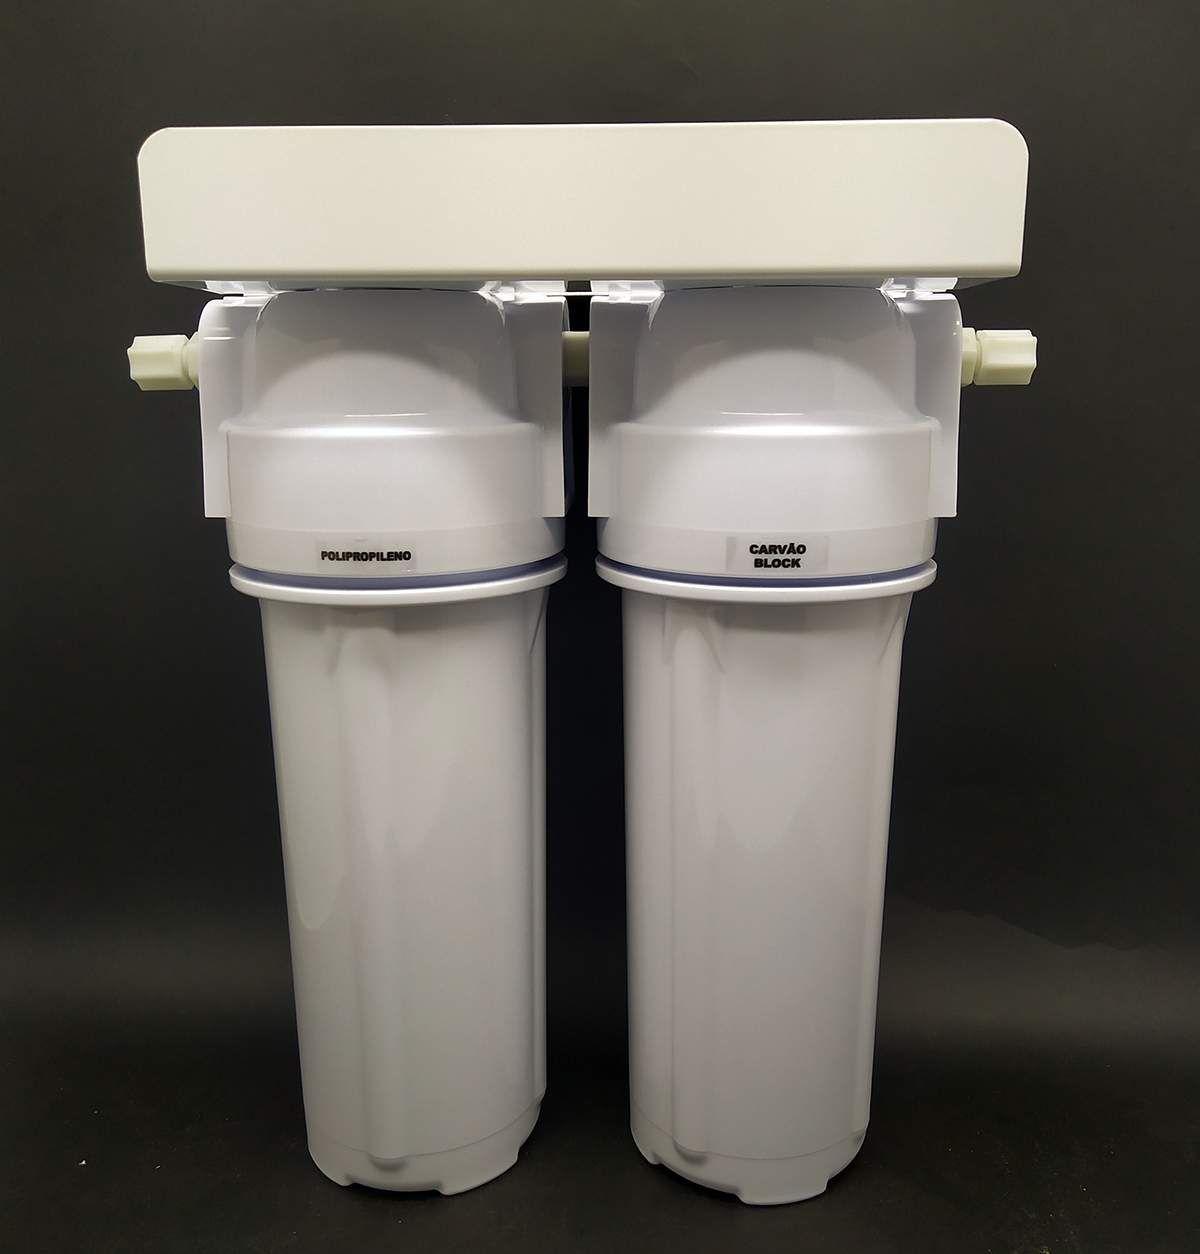 Filtro Deionizador 2 Estágios - Consumo Humano